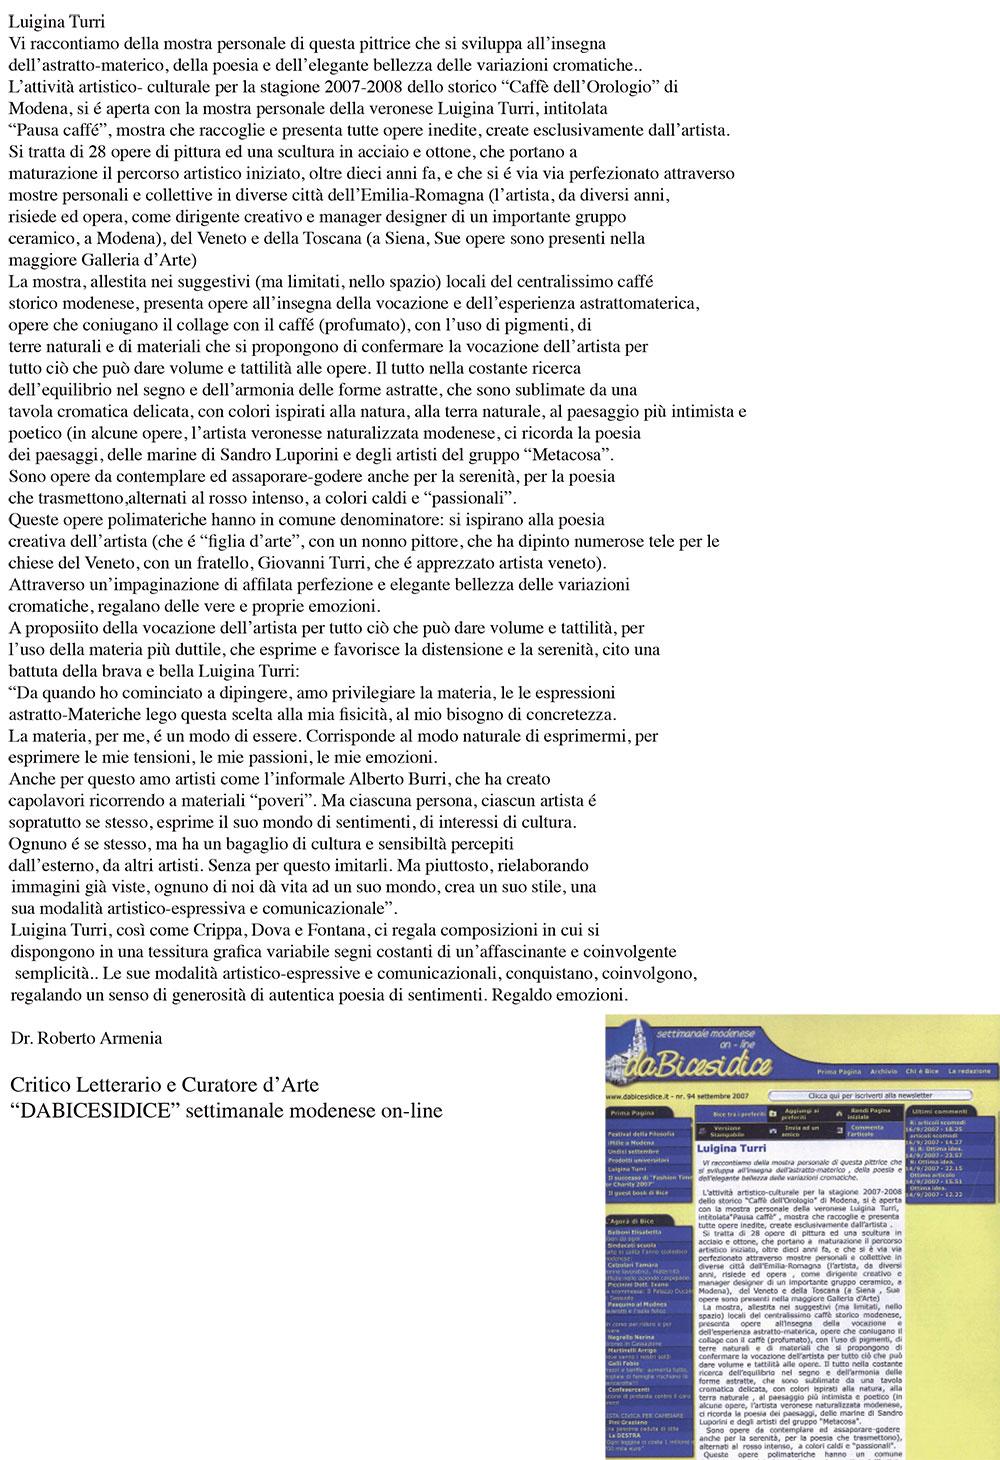 CRITICHE2010-3